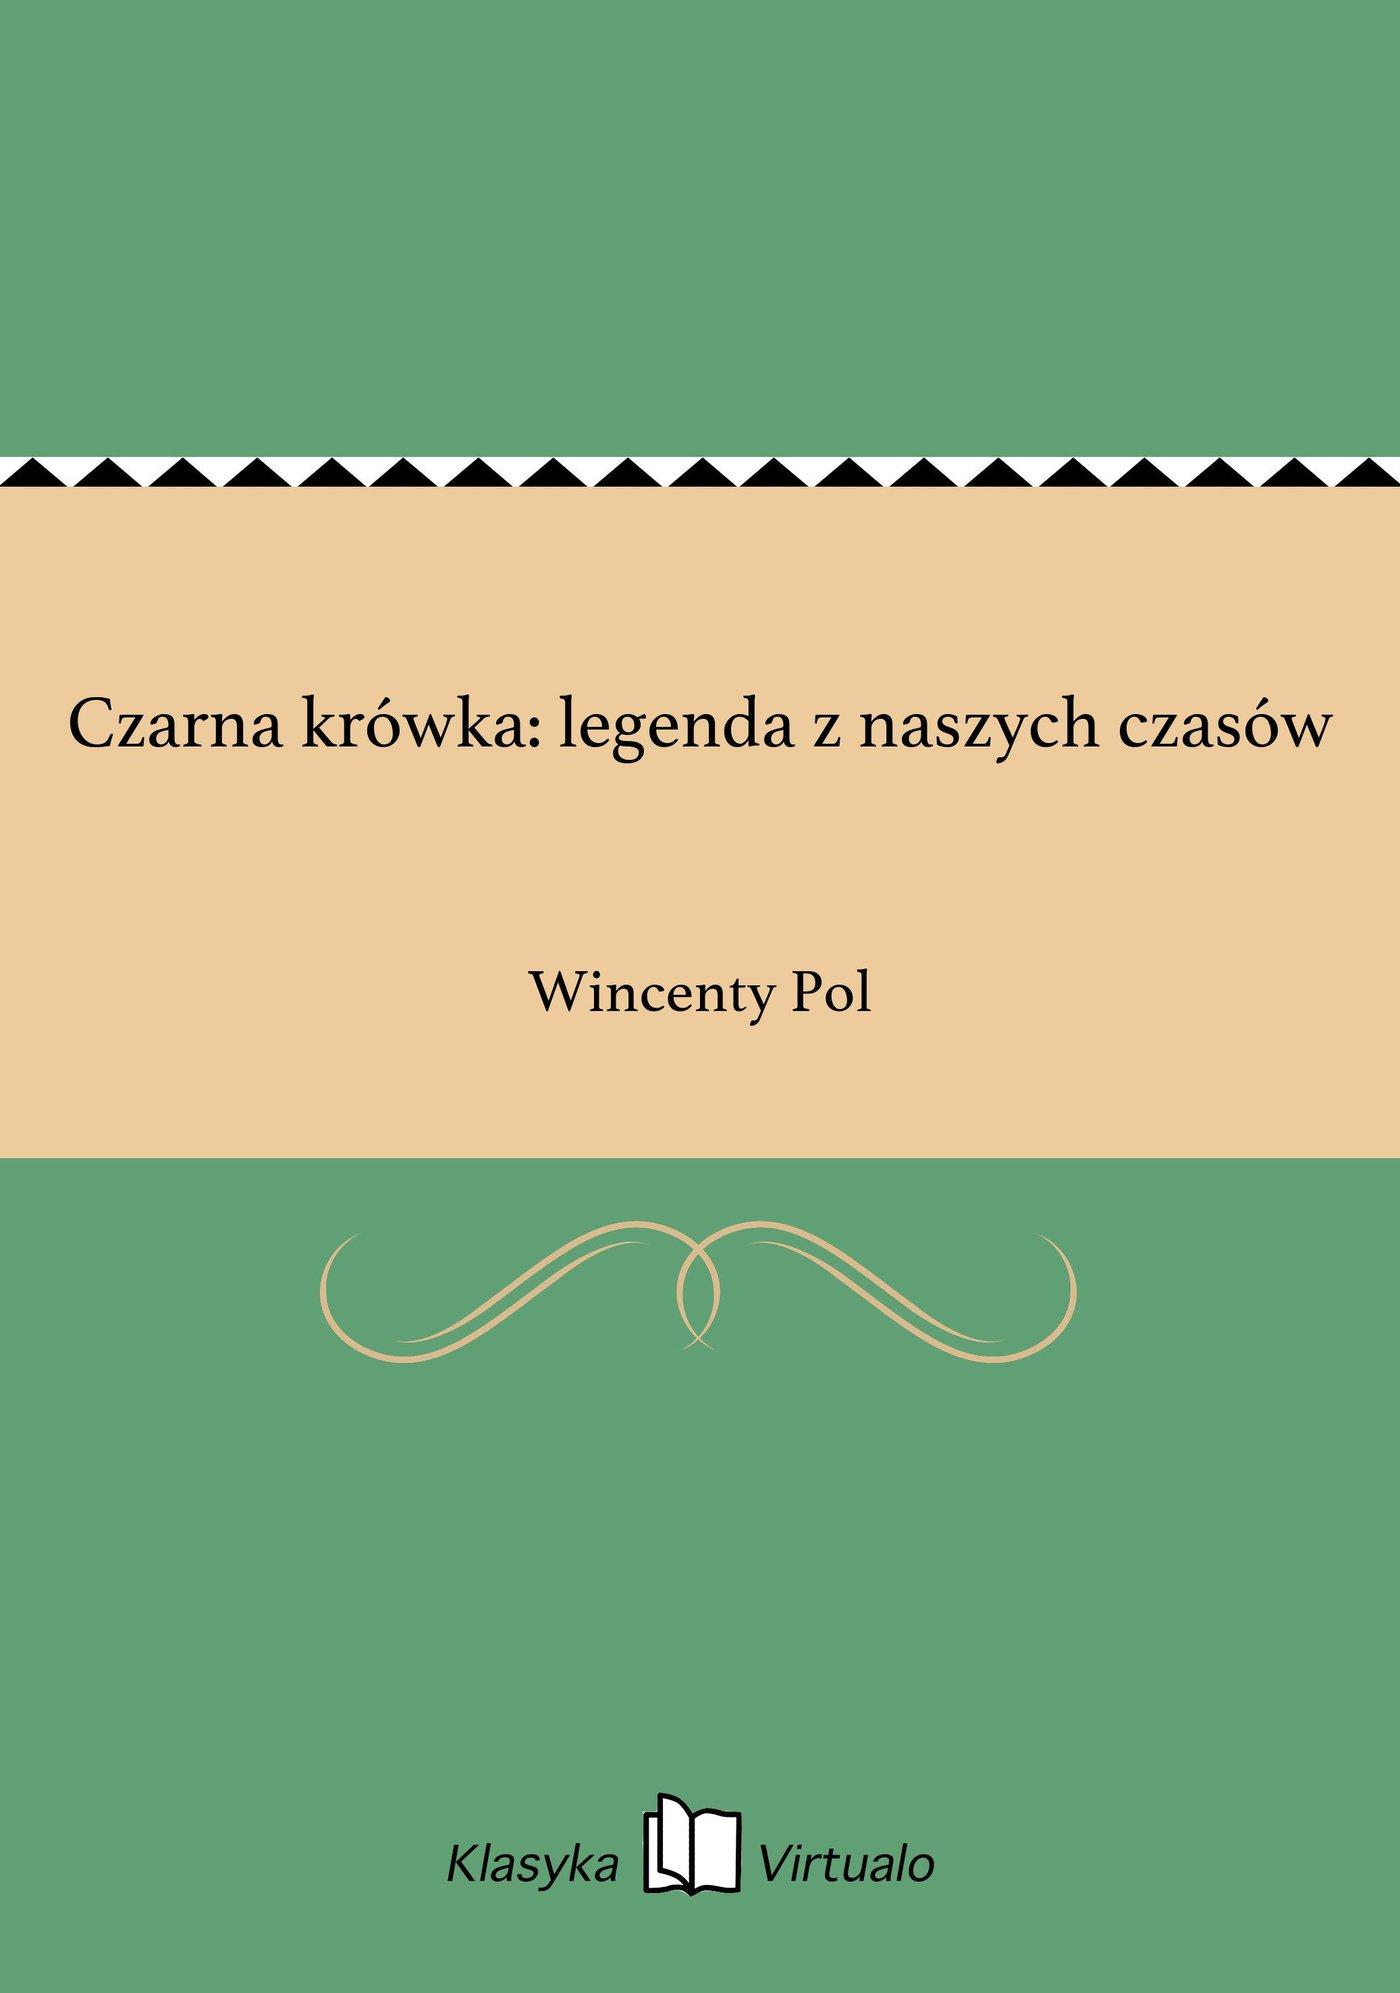 Czarna krówka: legenda z naszych czasów - Ebook (Książka na Kindle) do pobrania w formacie MOBI